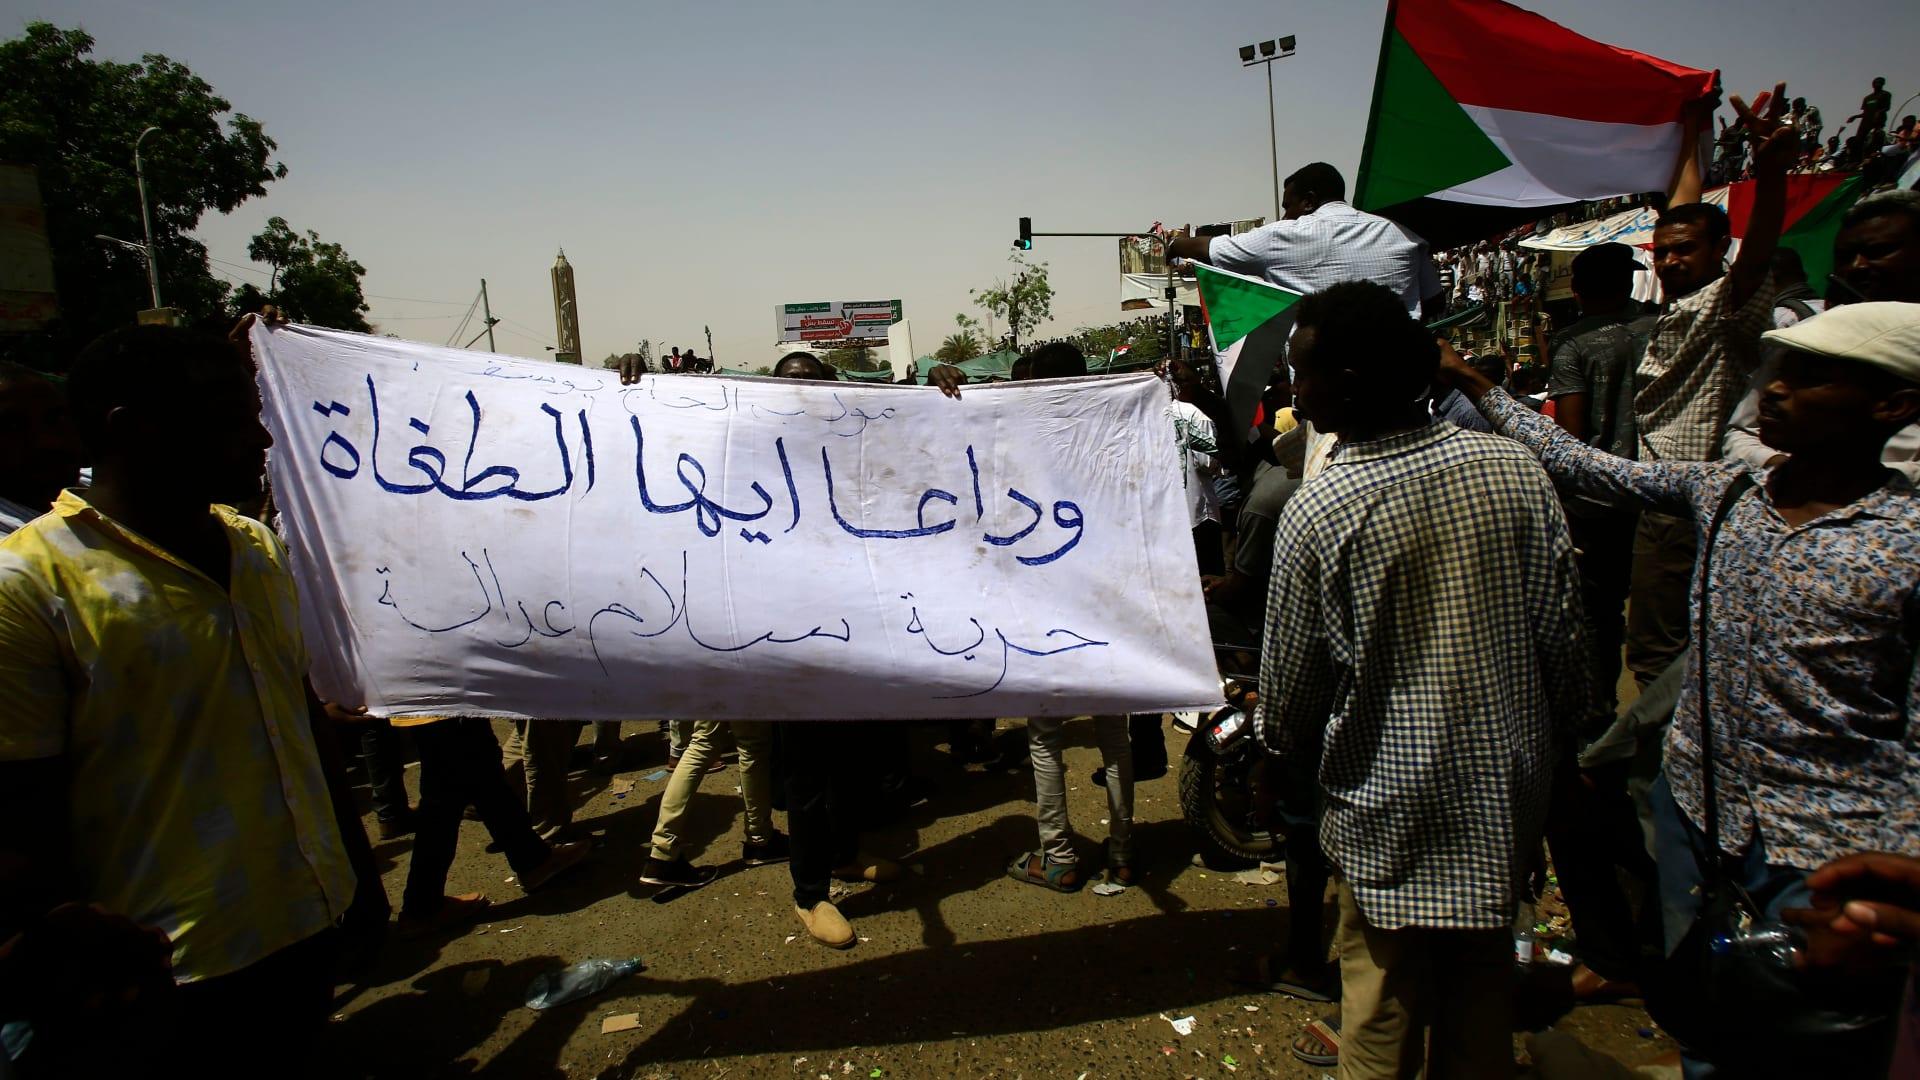 """سودانيون يطالبون بإسقاط """"الانقلاب"""": ثوار أحرار هنكمل المشوار"""